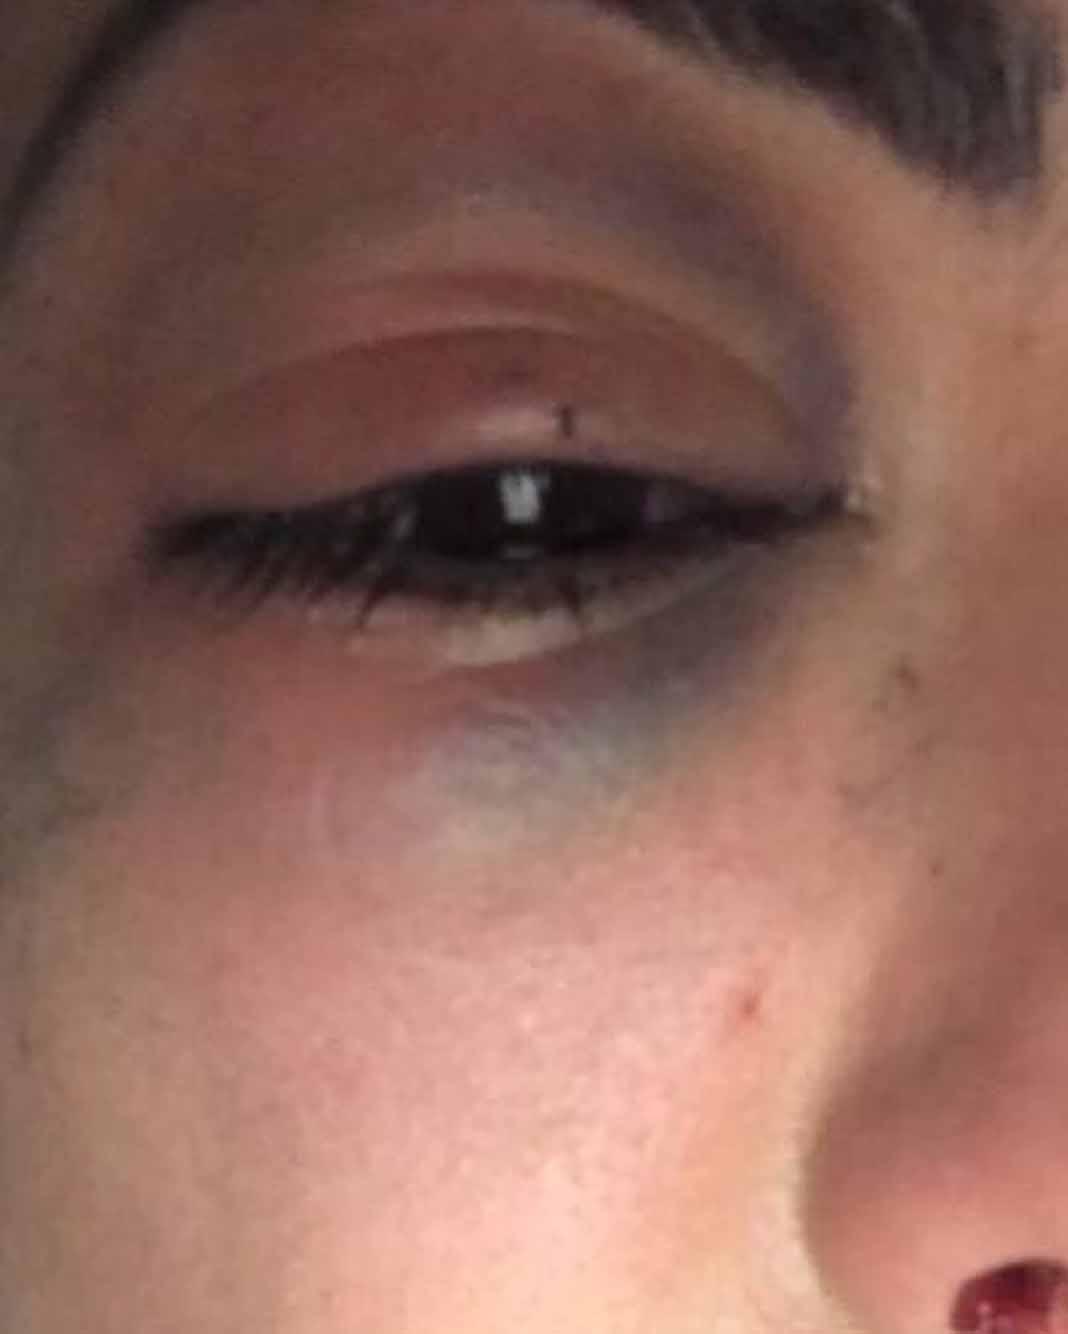 Así quedó con un ojo morado por la golpiza